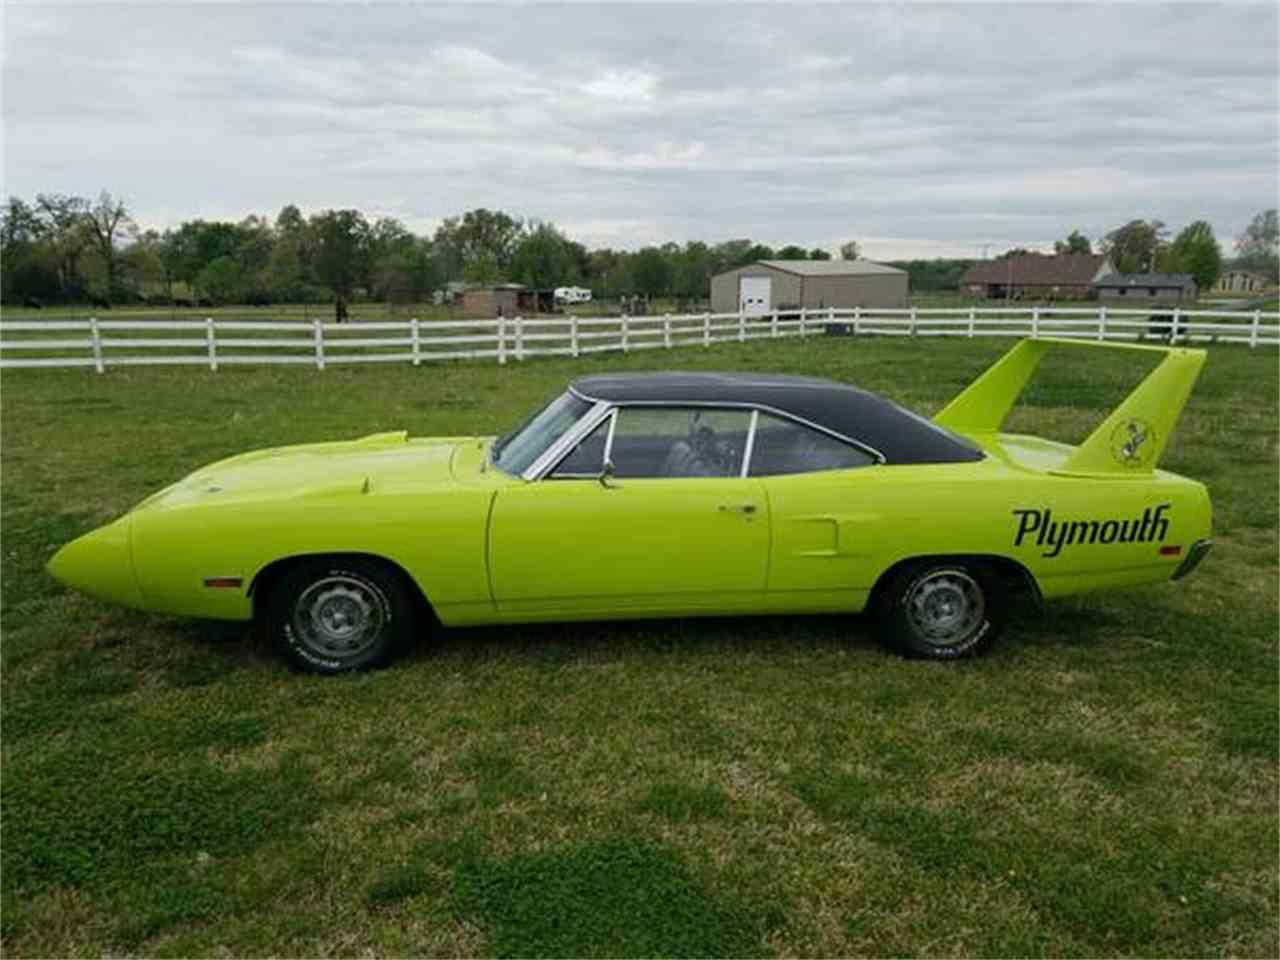 1970 Plymouth Superbird for Sale | ClassicCars.com | CC-887193